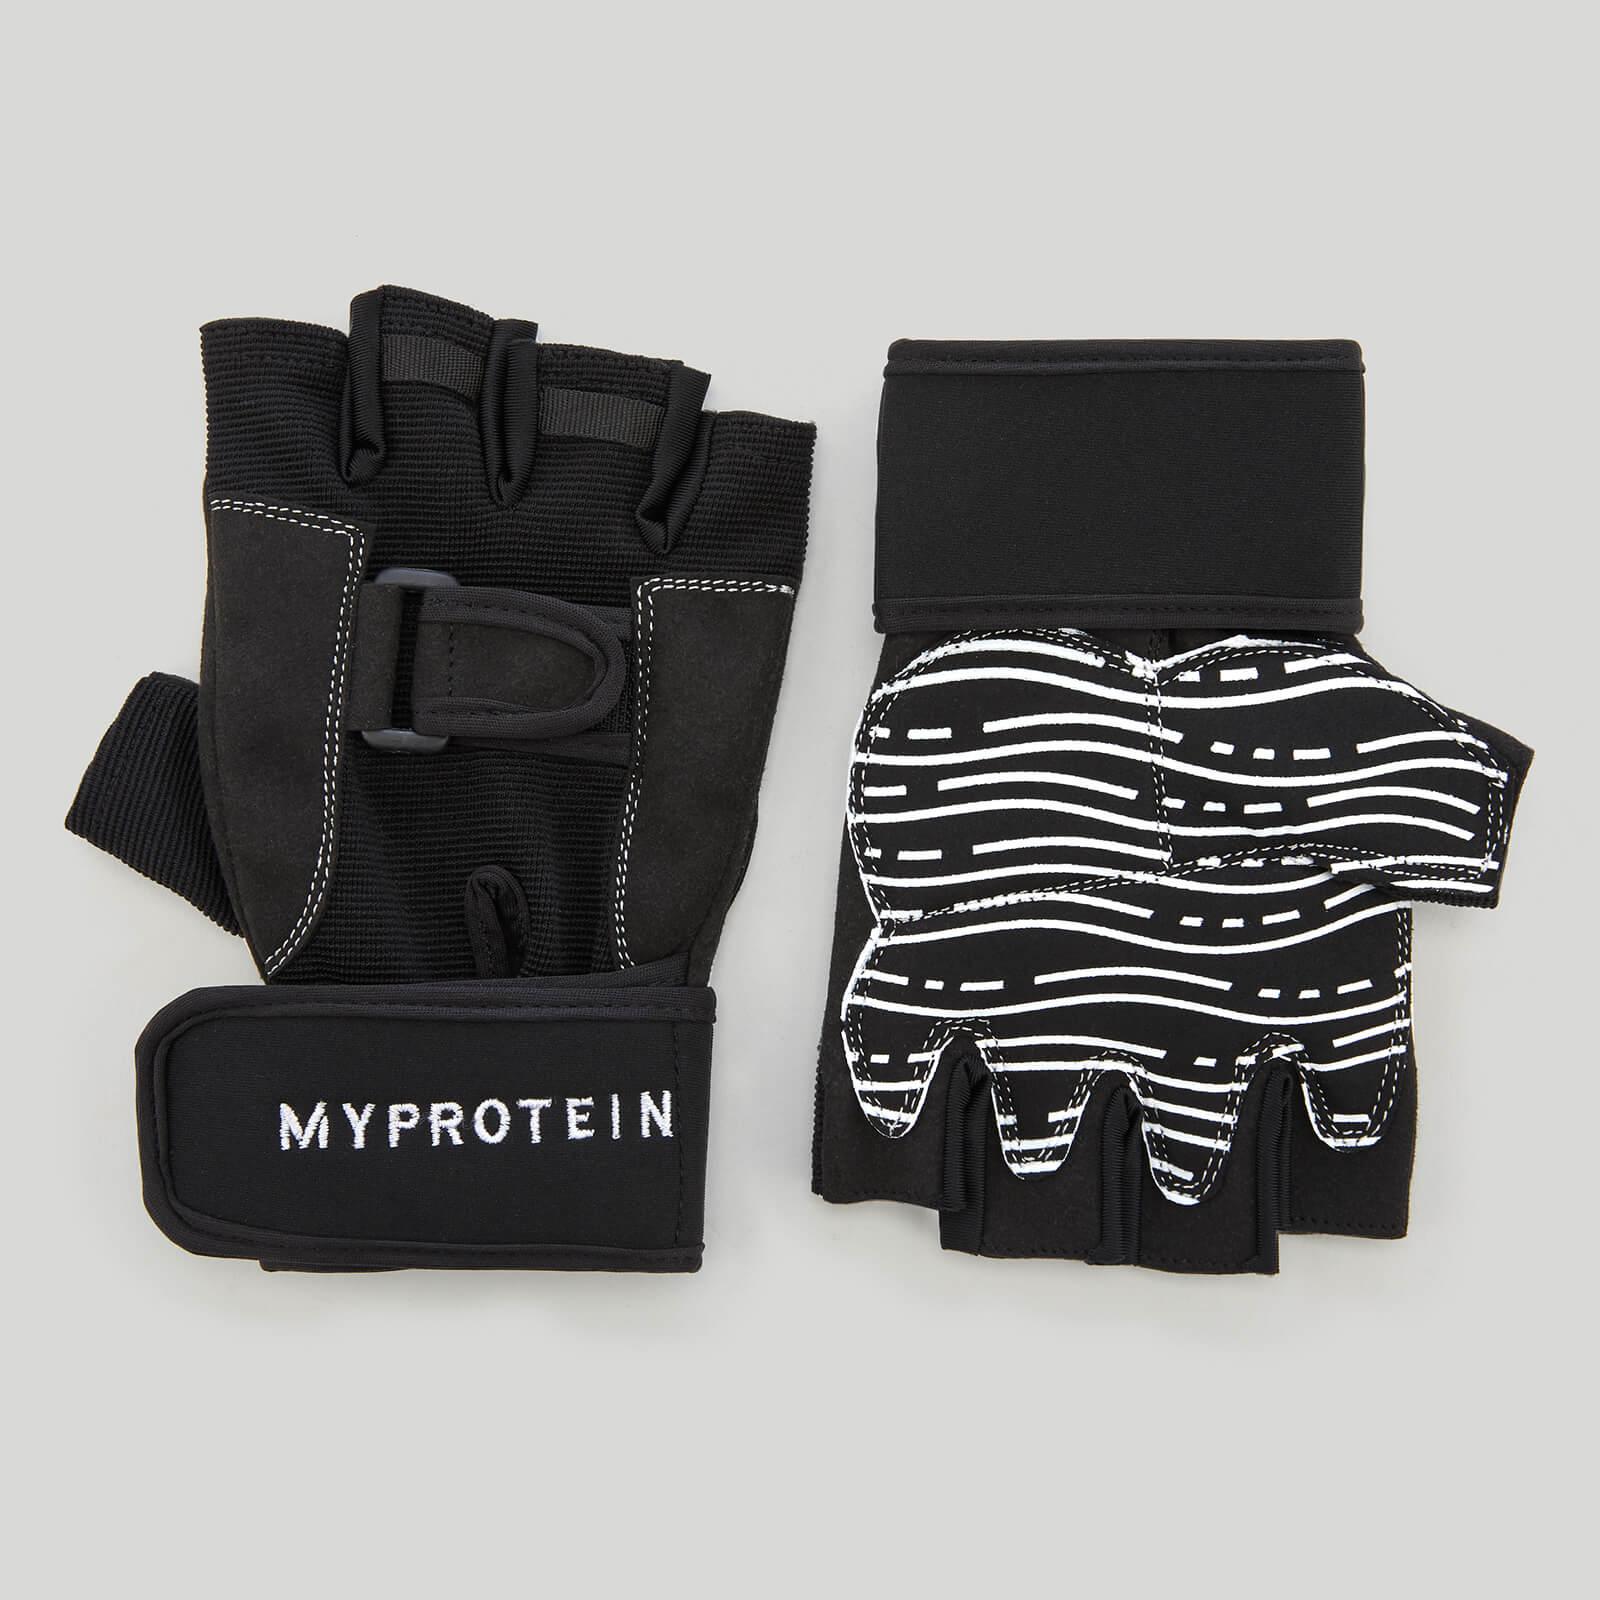 Myprotein Weightlifting Gloves - L - Black